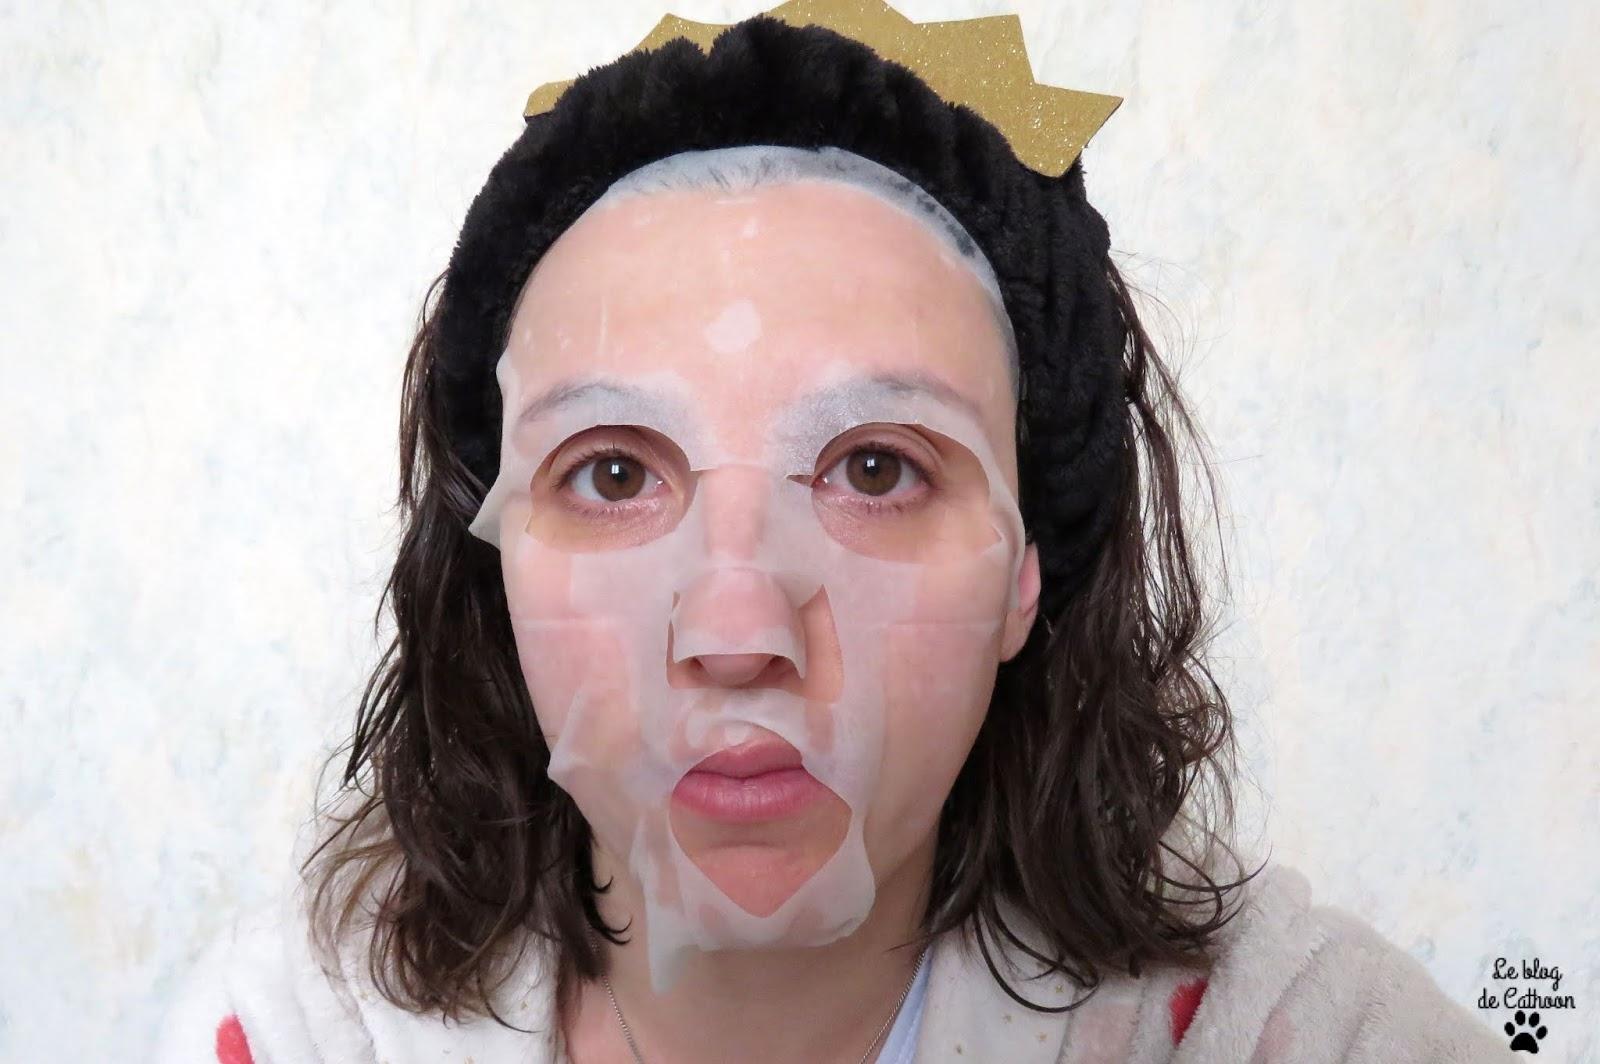 Masque Visage en Tissu Anti-Imperfection - Thé Vert - Loua By Laurence Dumont